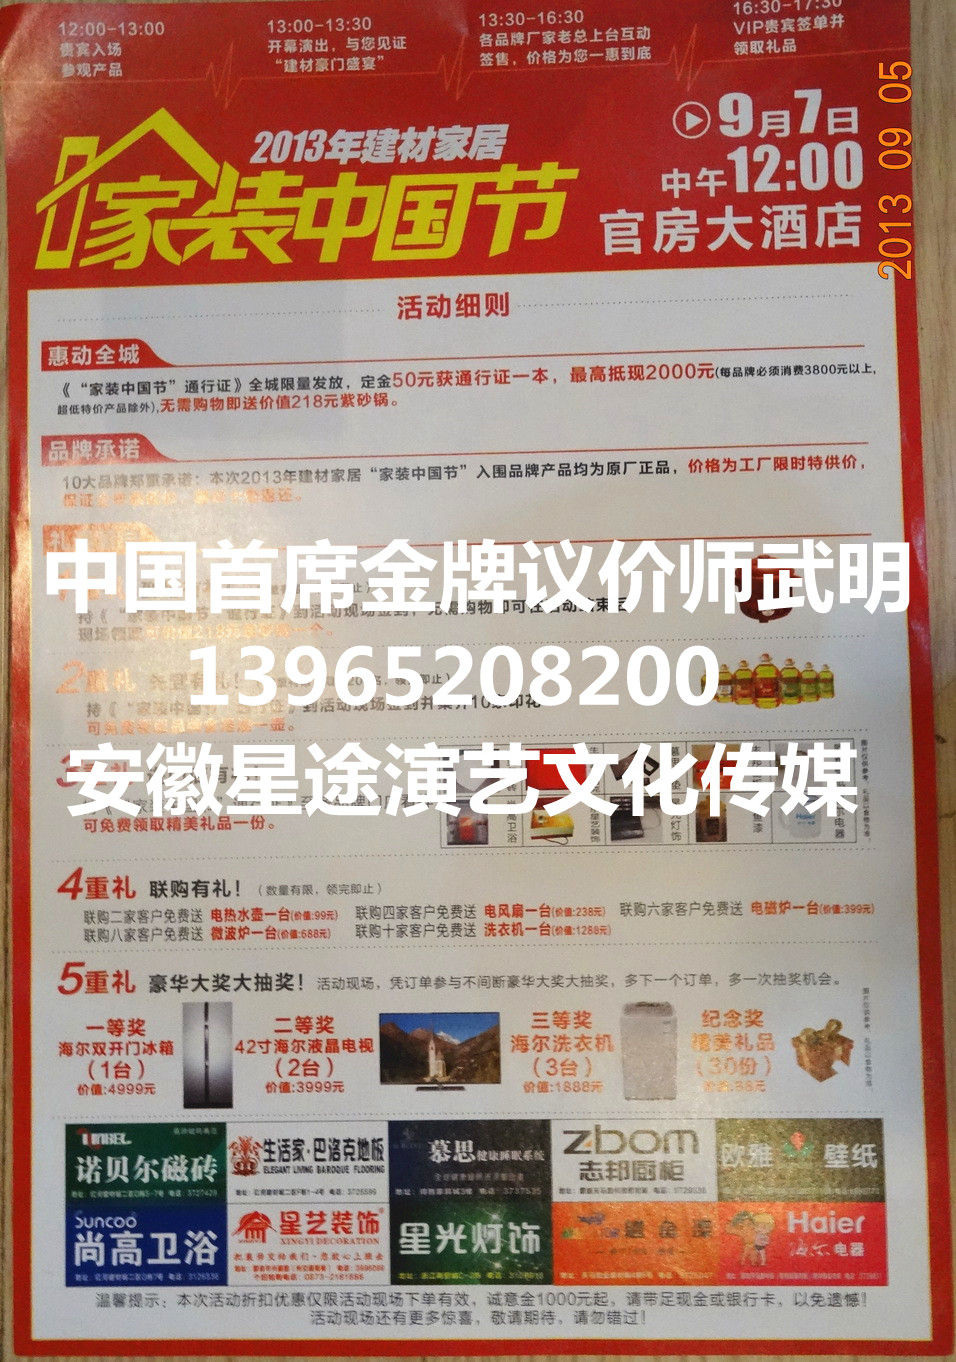 2013蒙自建材家居 家装中国节 即将盛大开幕!